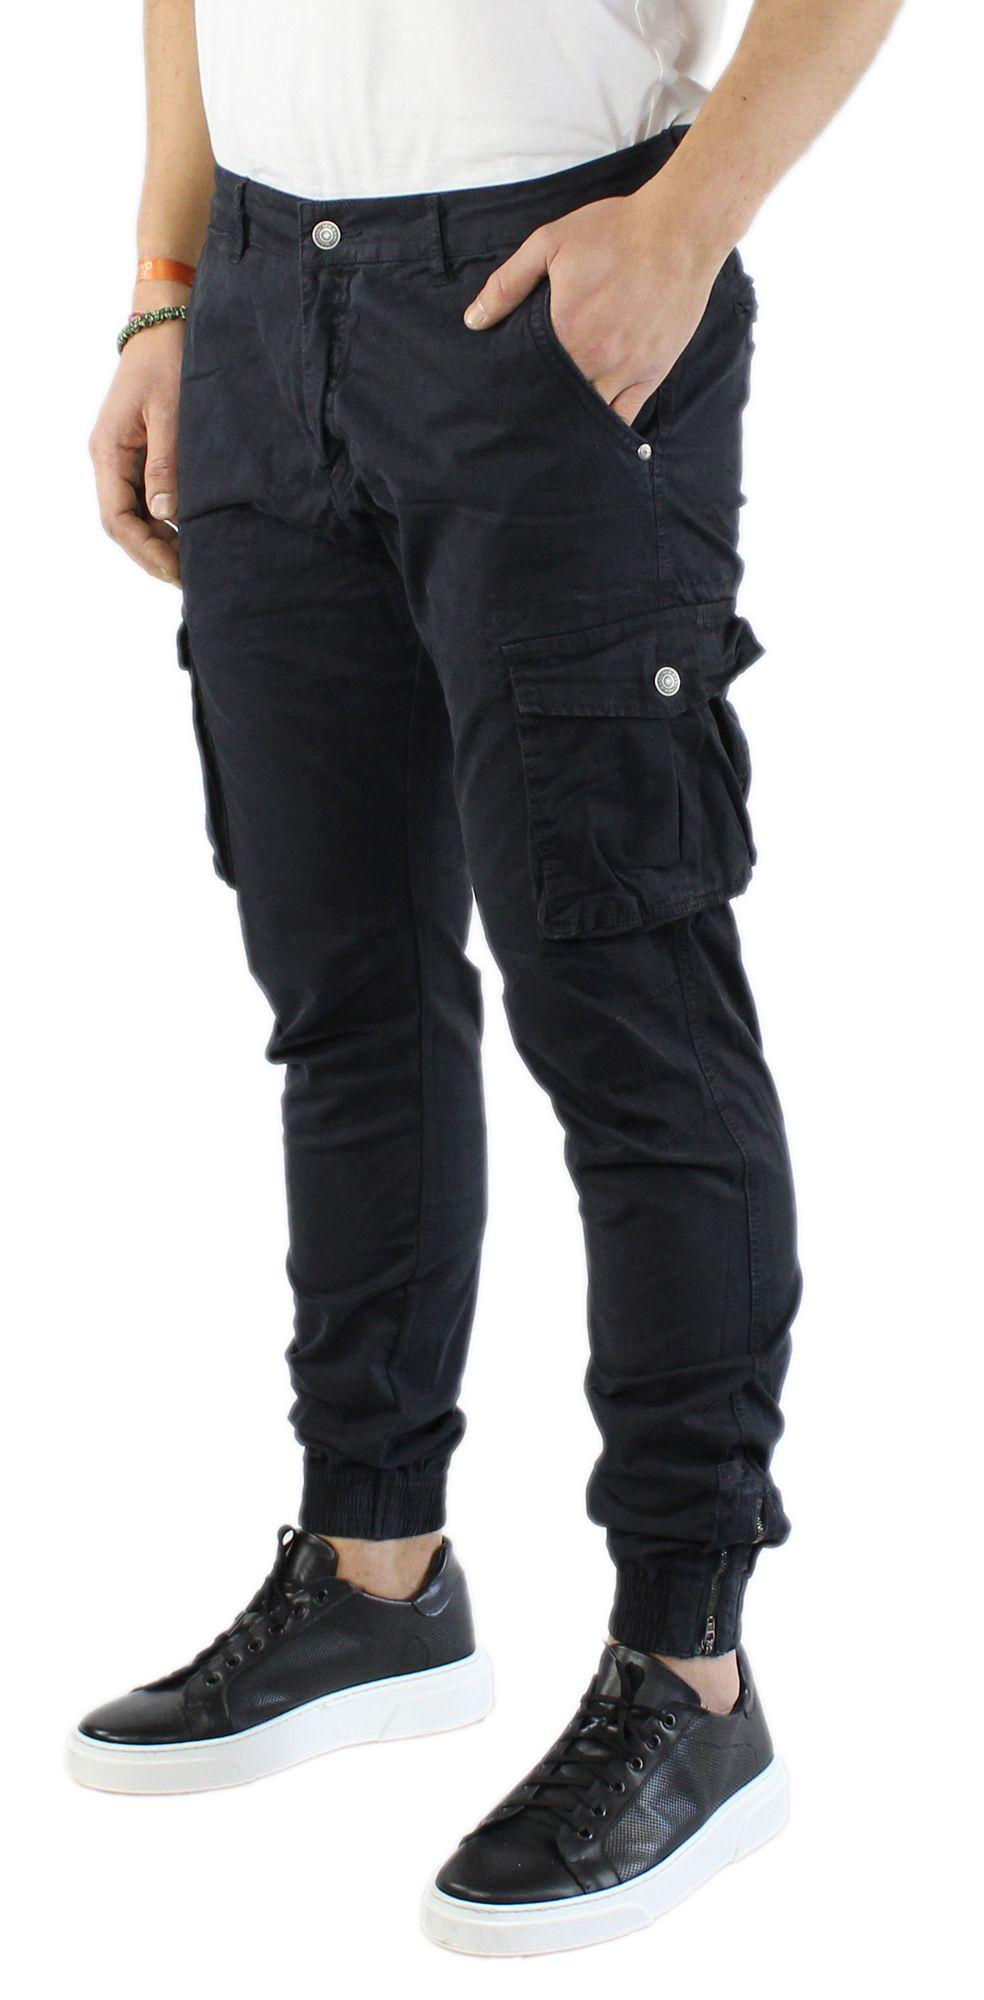 Pantaloni-Uomo-Cargo-in-Cotone-Pantalone-Tasconi-Laterali-Slim-Fit-Leggero miniatura 4